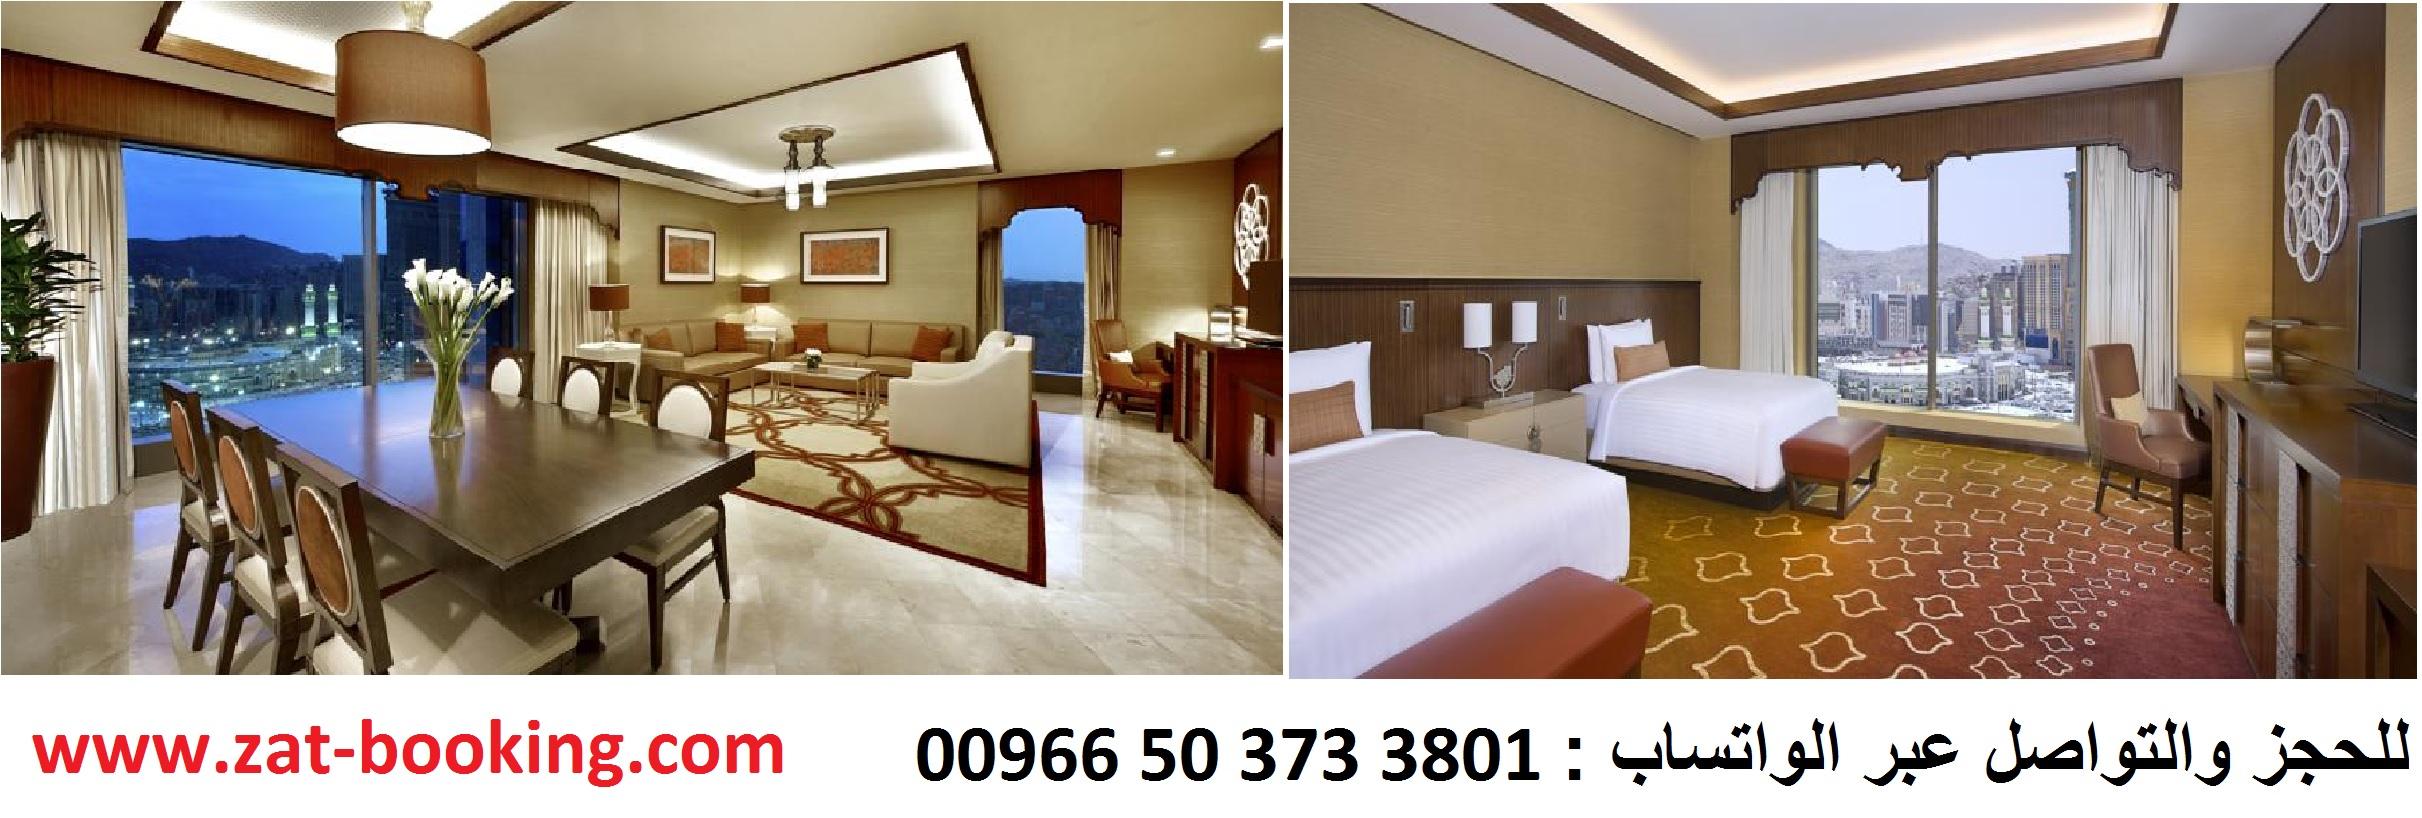 اسعار حجز فندق ماريوت مكة